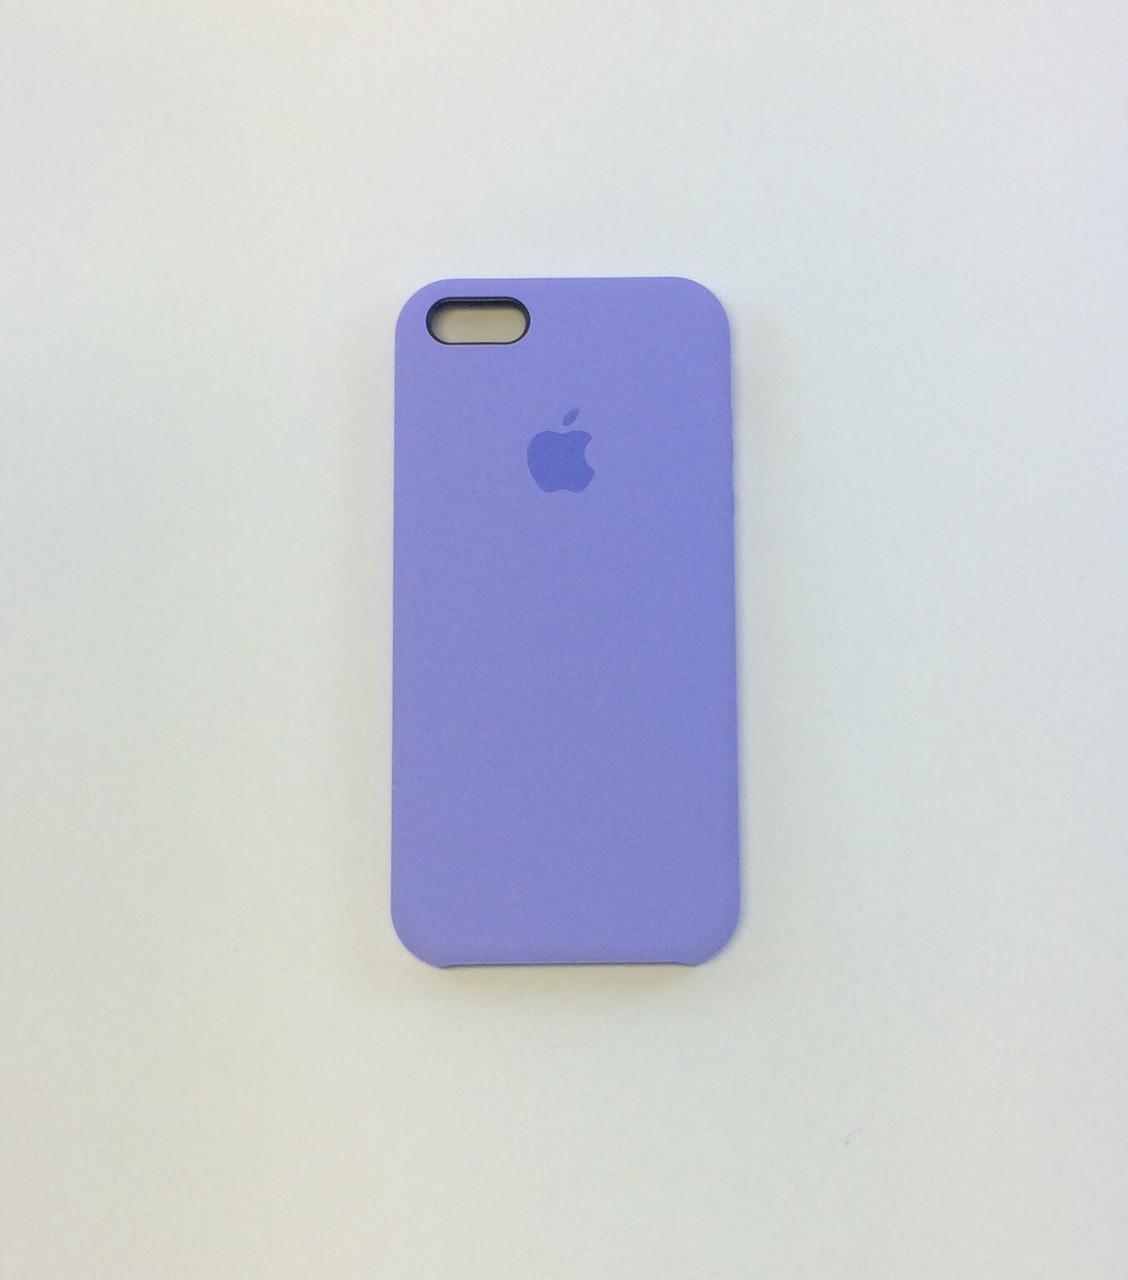 Силиконовый чехол для iPhone 5/5s/SE, - «сирень» - copy original